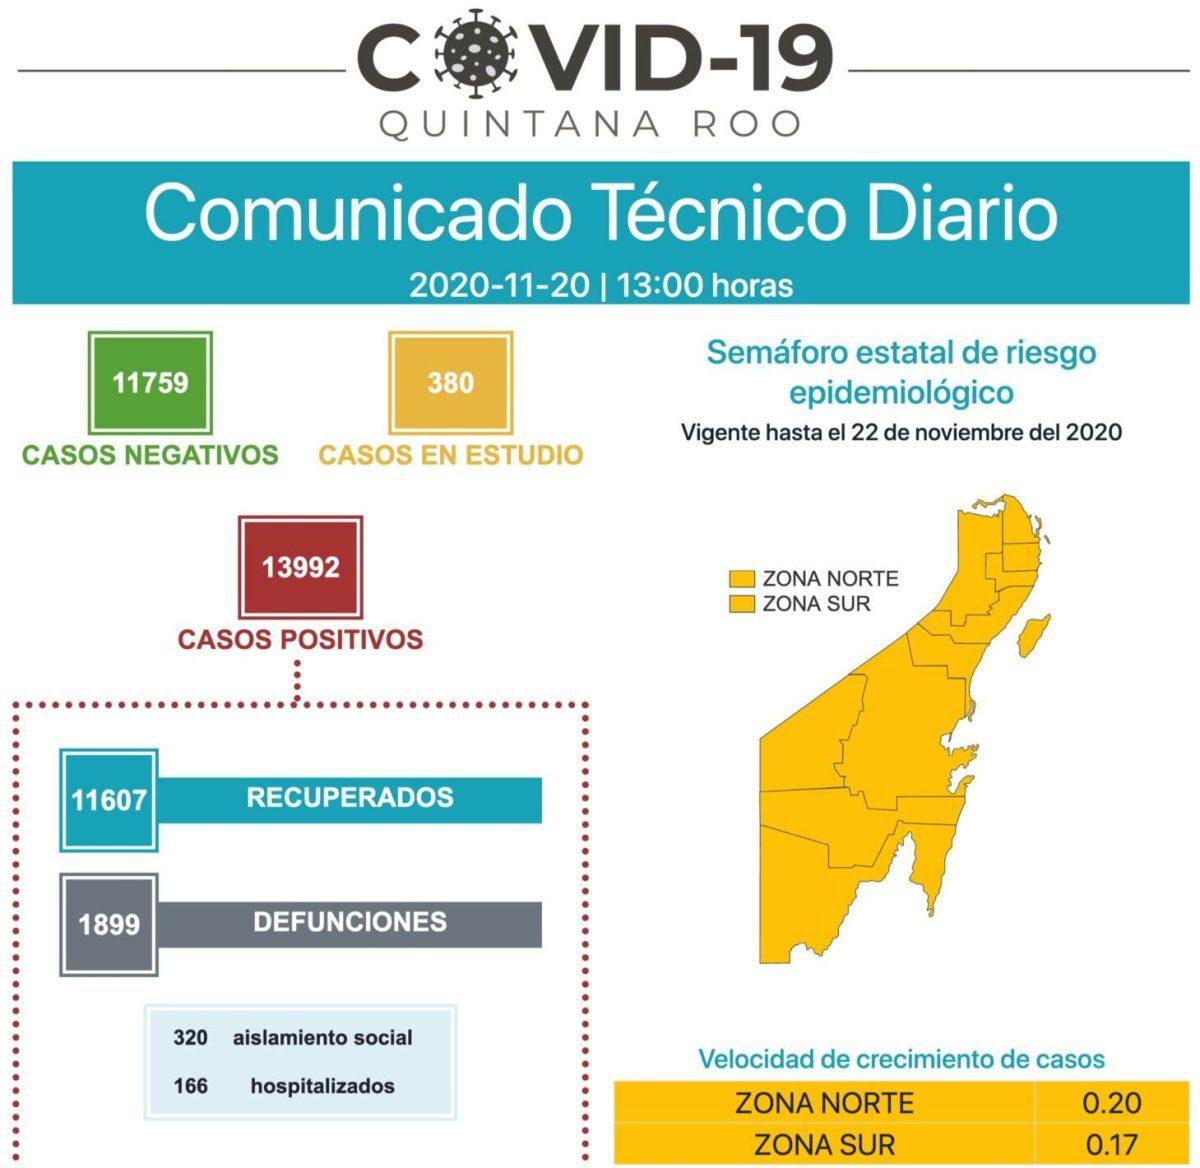 Surgen 25 casos de COVID-19 y un deceso en Quintana Roo